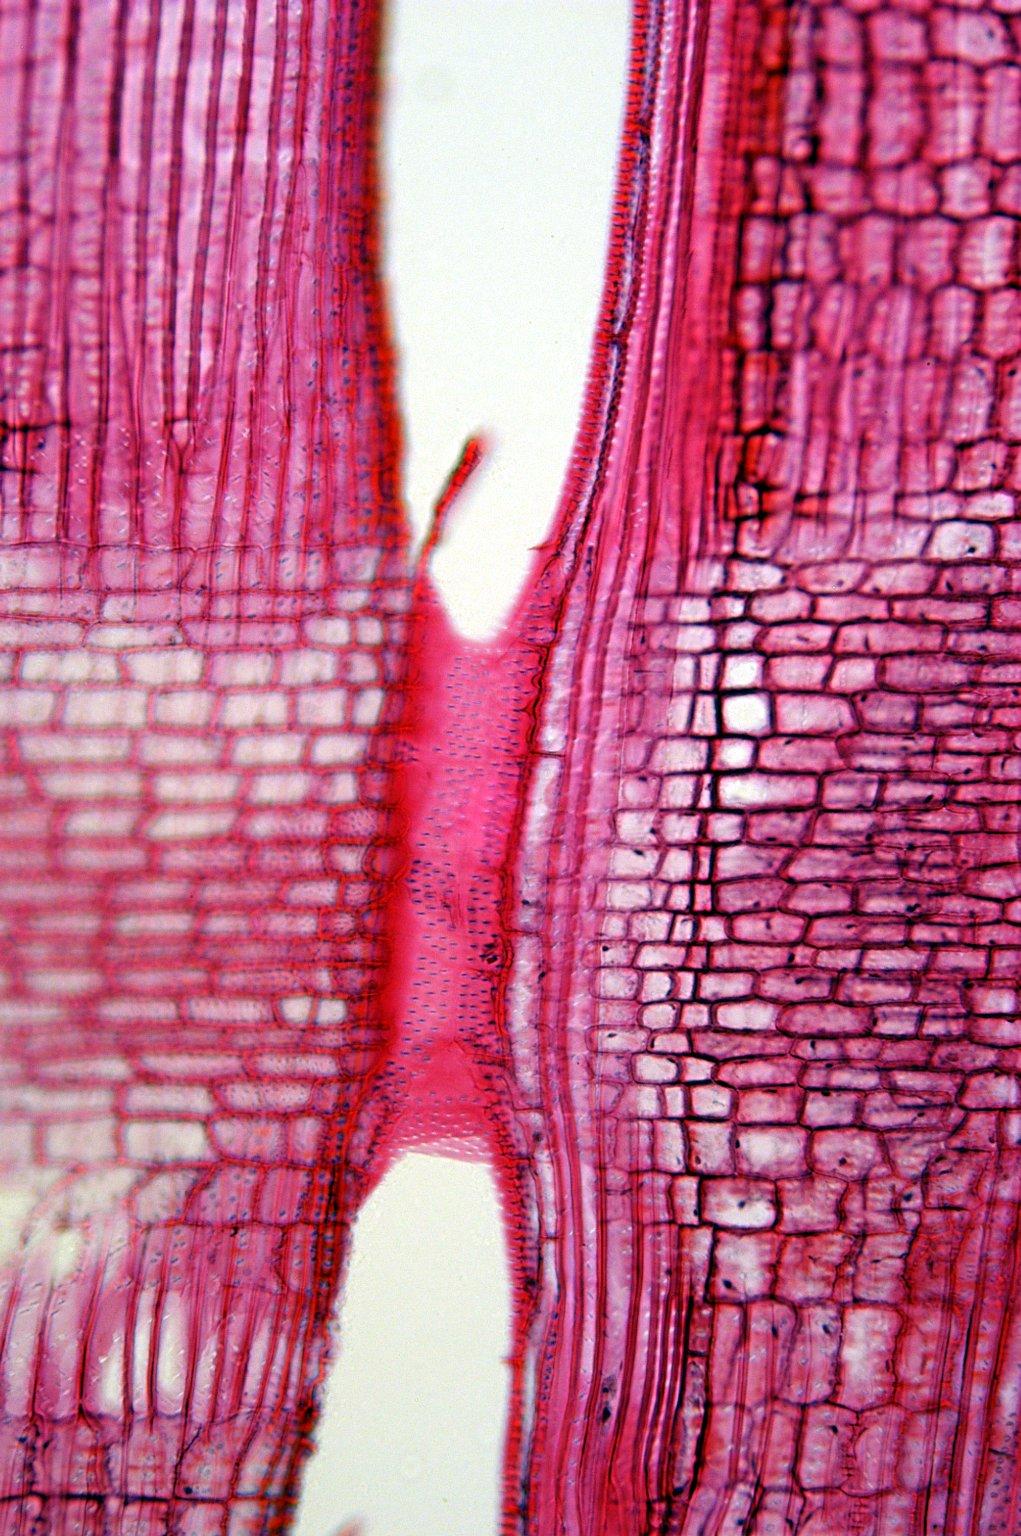 APOCYNACEAE Trachelospermum asiaticum